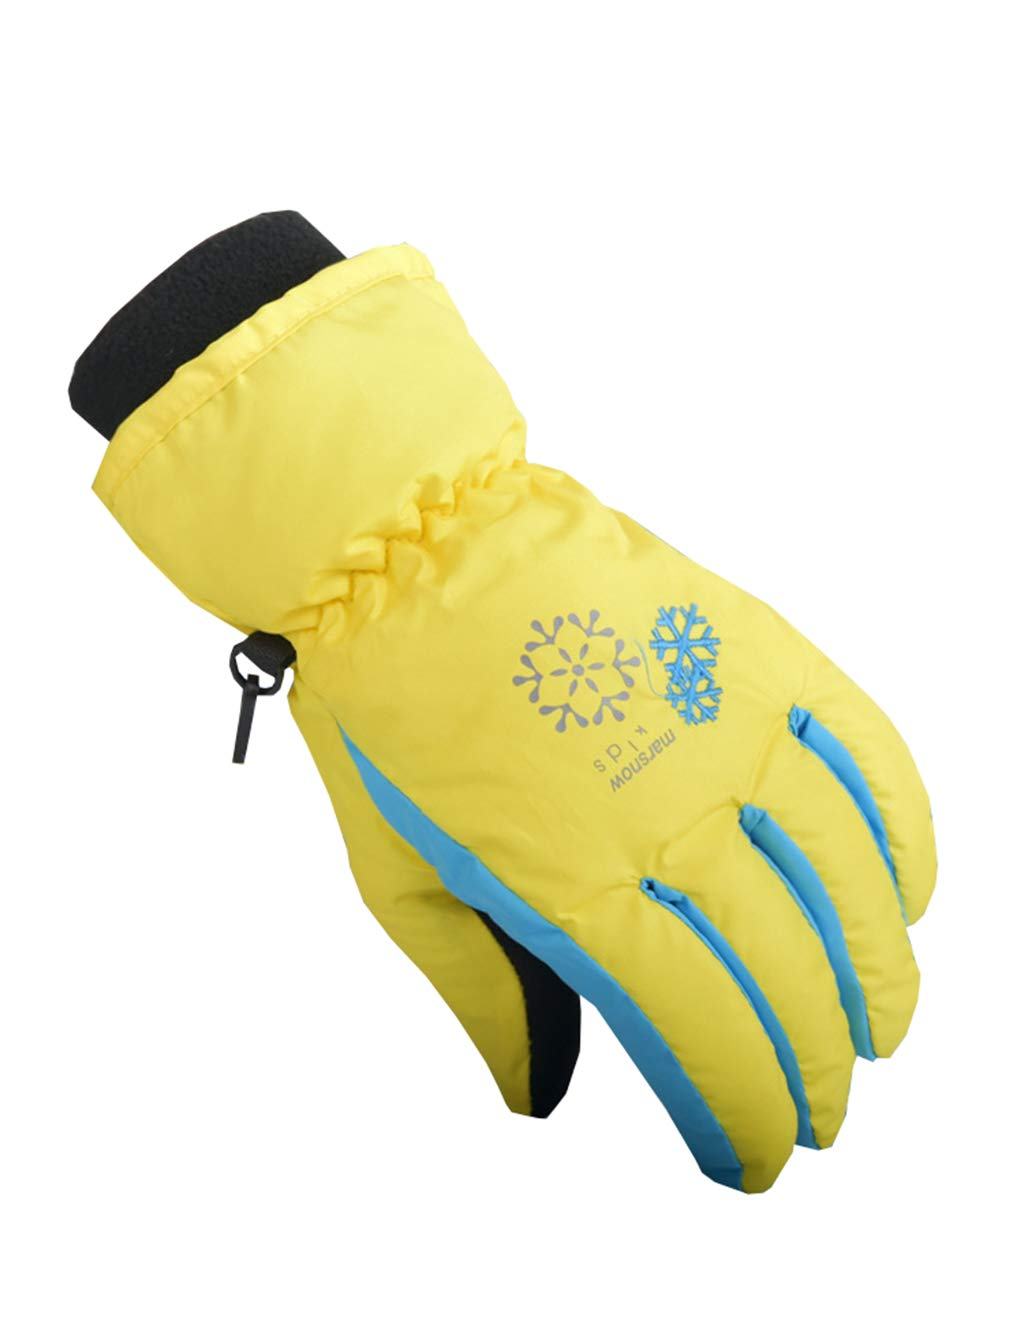 OMSLIFE Kinder Skifahren Handschuhe Wasserdicht Skihandschuhe Handschuhe Skihandschuhe Outdoor Handschuhe Sport Handschuhe Winter Handschuhe Skihandschuhe